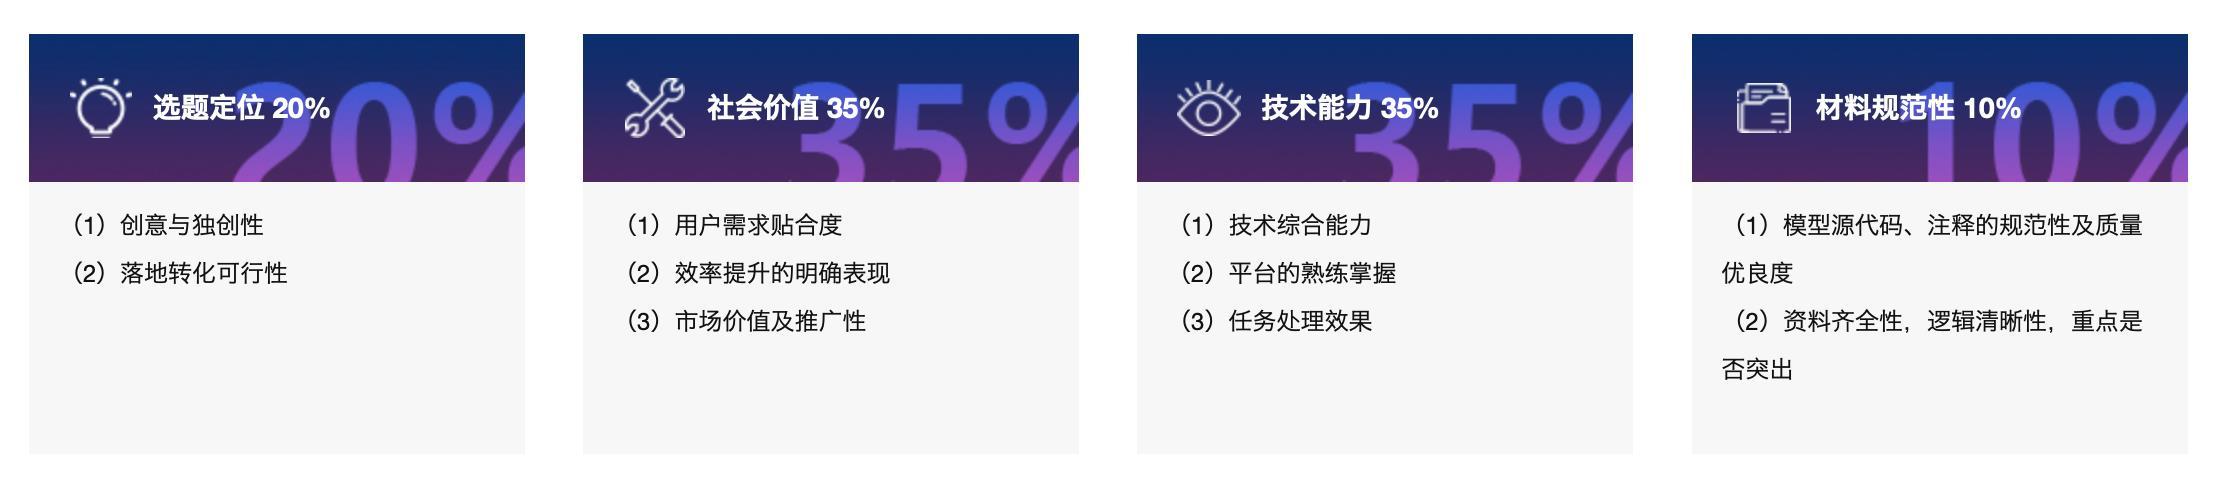 去大赛网-2019中国高校计算机大赛 pic01.jpg